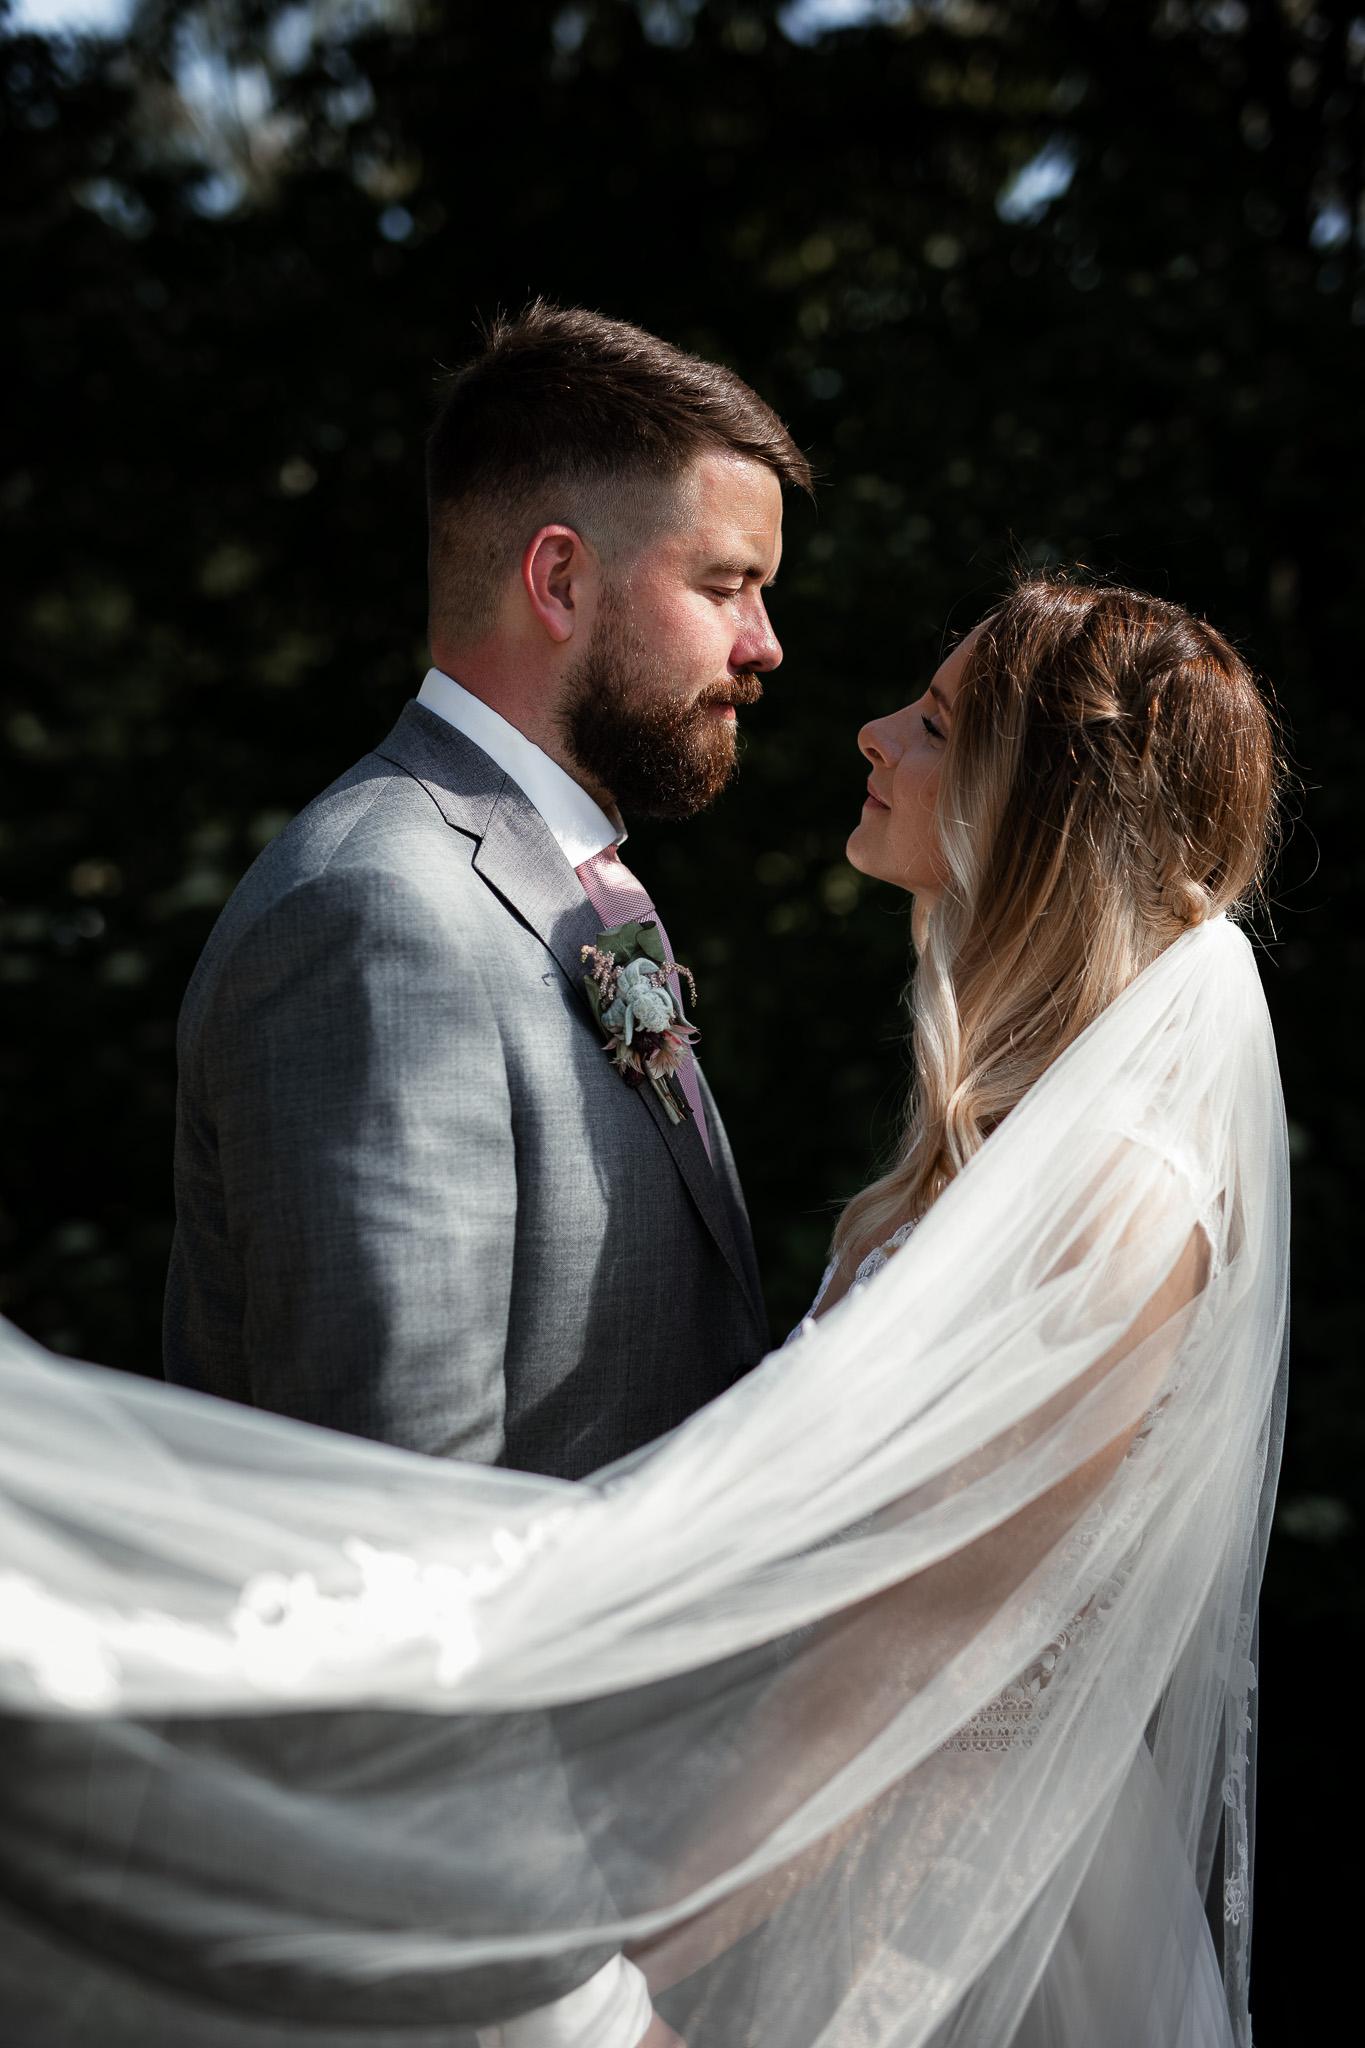 Hochzeitsfotograf Rheingau: Das Brautpaar steht sich gegenüber und schaut sich an.